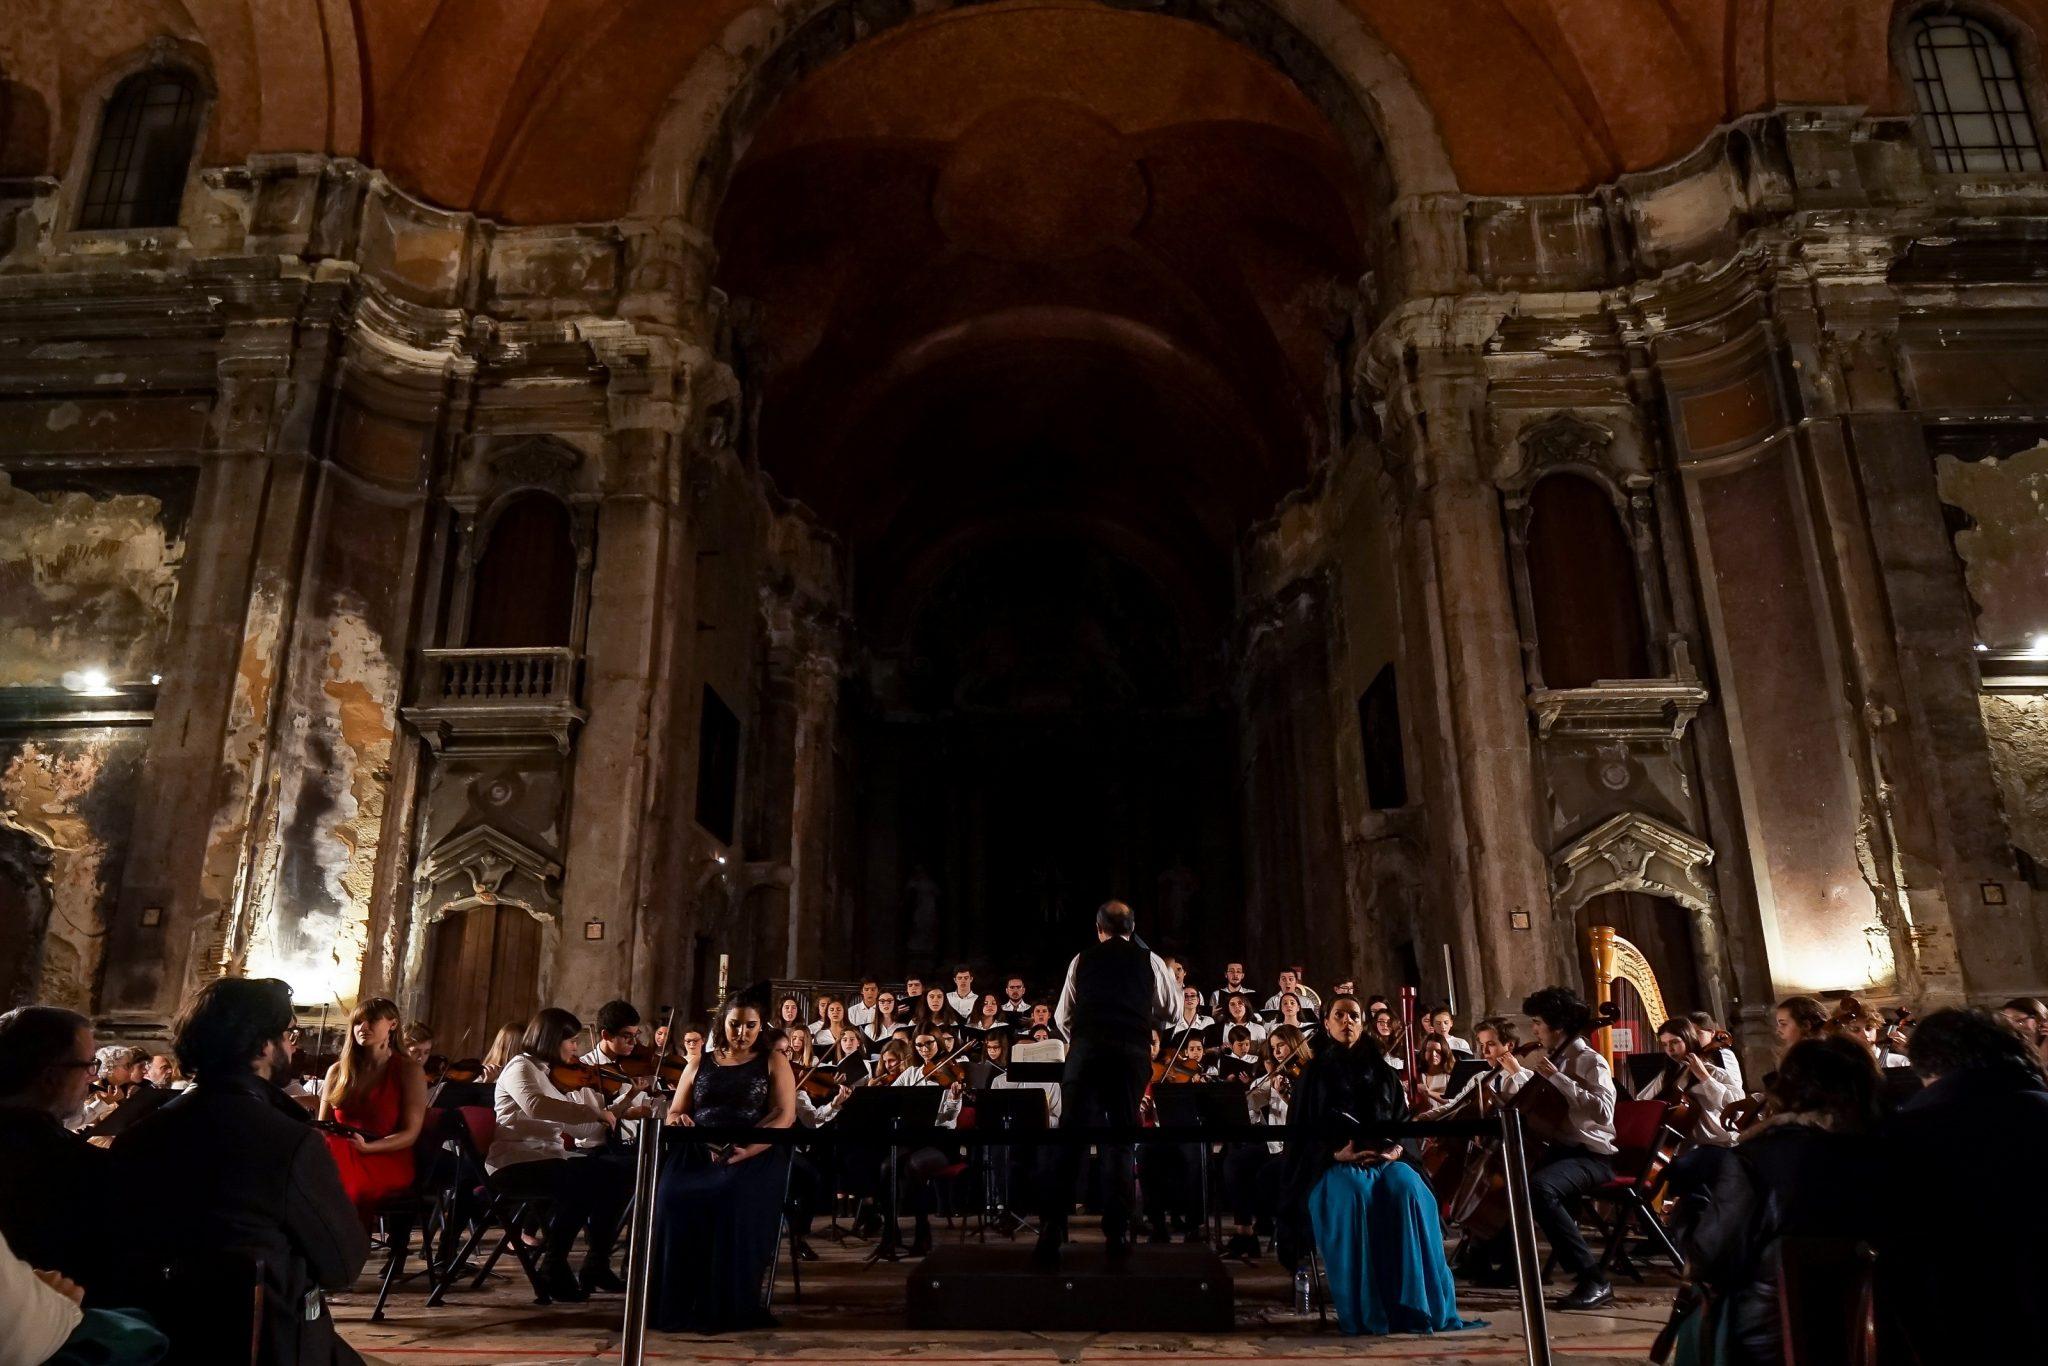 Coro e Orquestra de frente para o observador